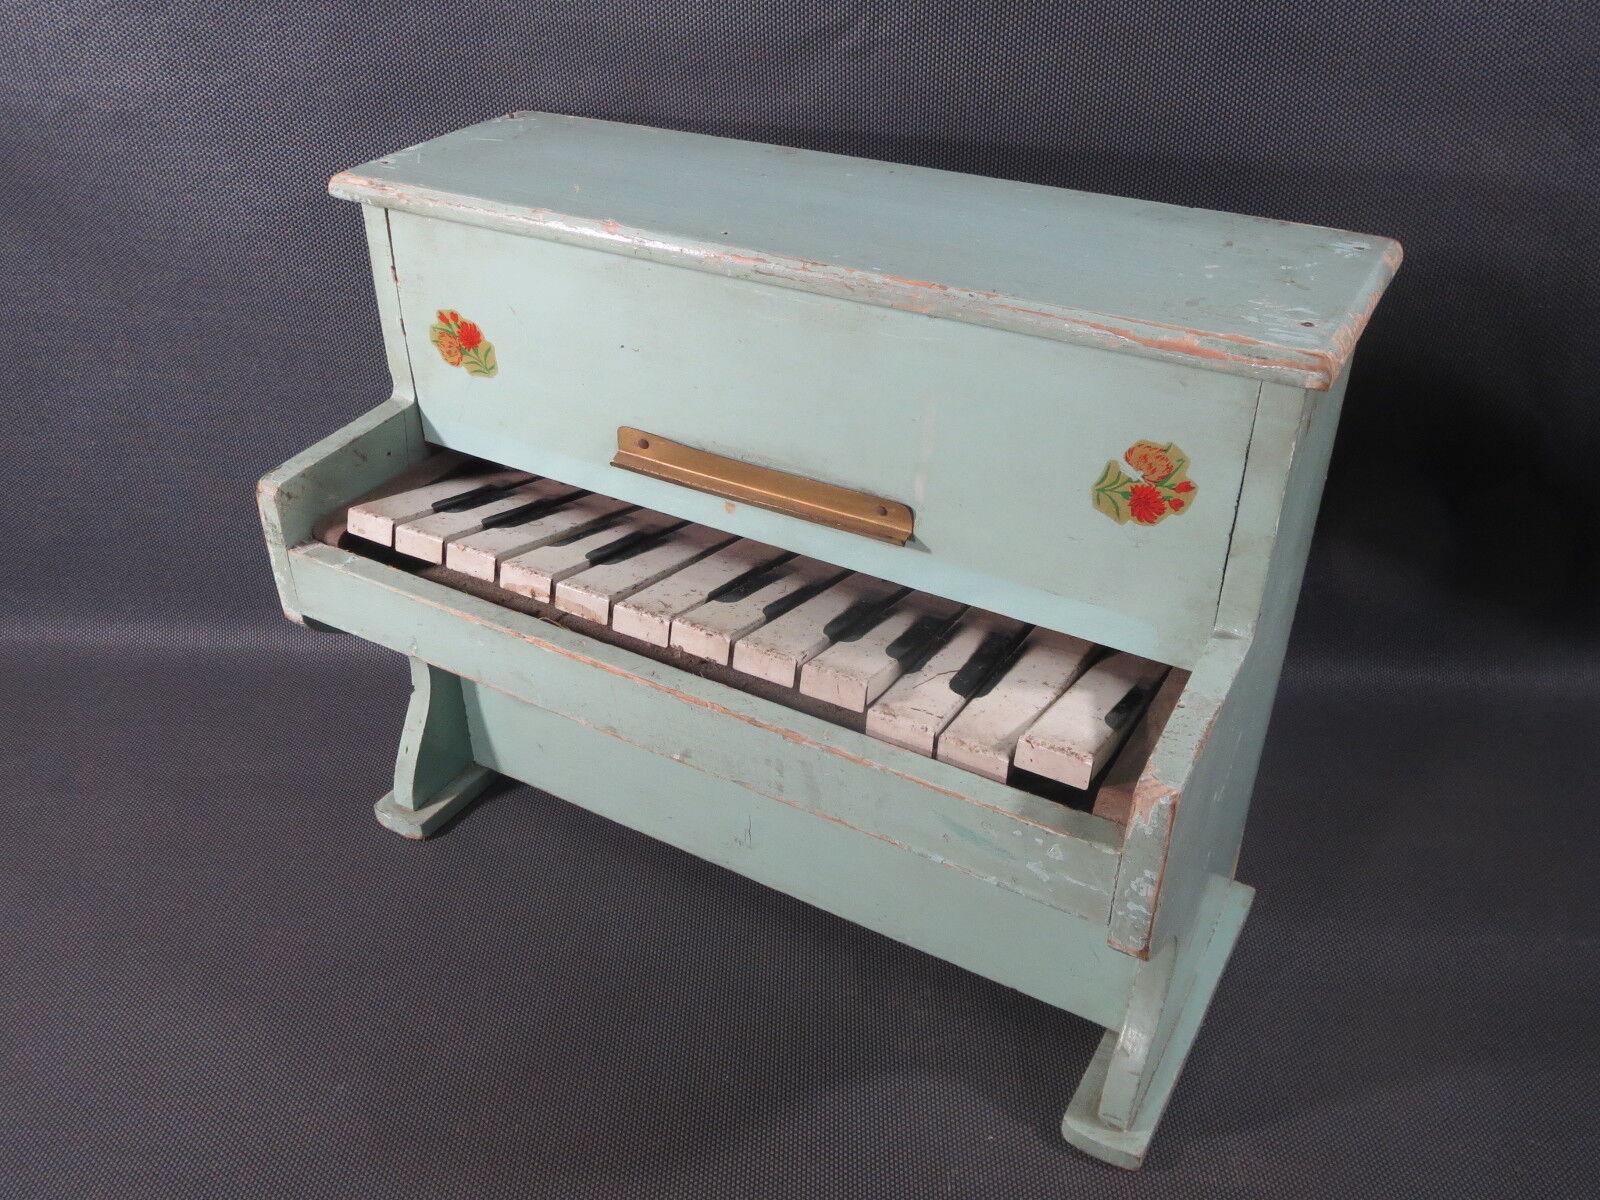 Antico pianoforte bambola giocattolo in legno vintage anni 1950 da bambola pianoforte old 160d70